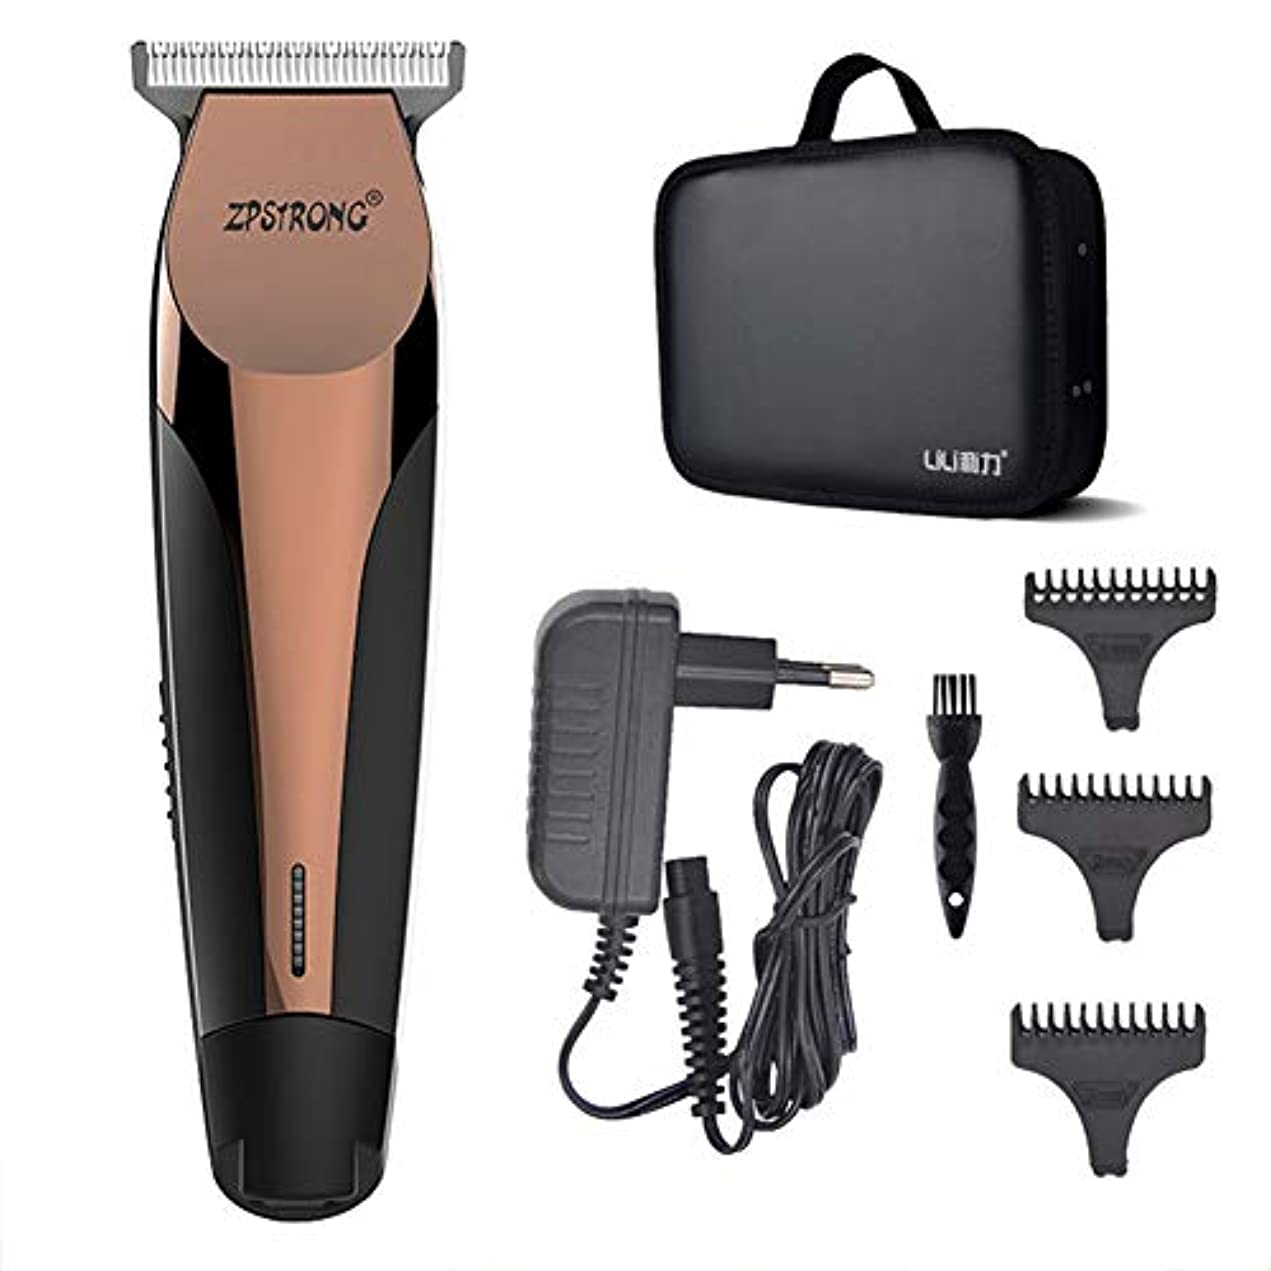 願う冒険者びんバリカン収納ケース付きキャリングケースバッグキット男性のための電気ヘアトリマー髭剃り機0.1ミリメートルカッター理髪散髪ツール100-240ボルト